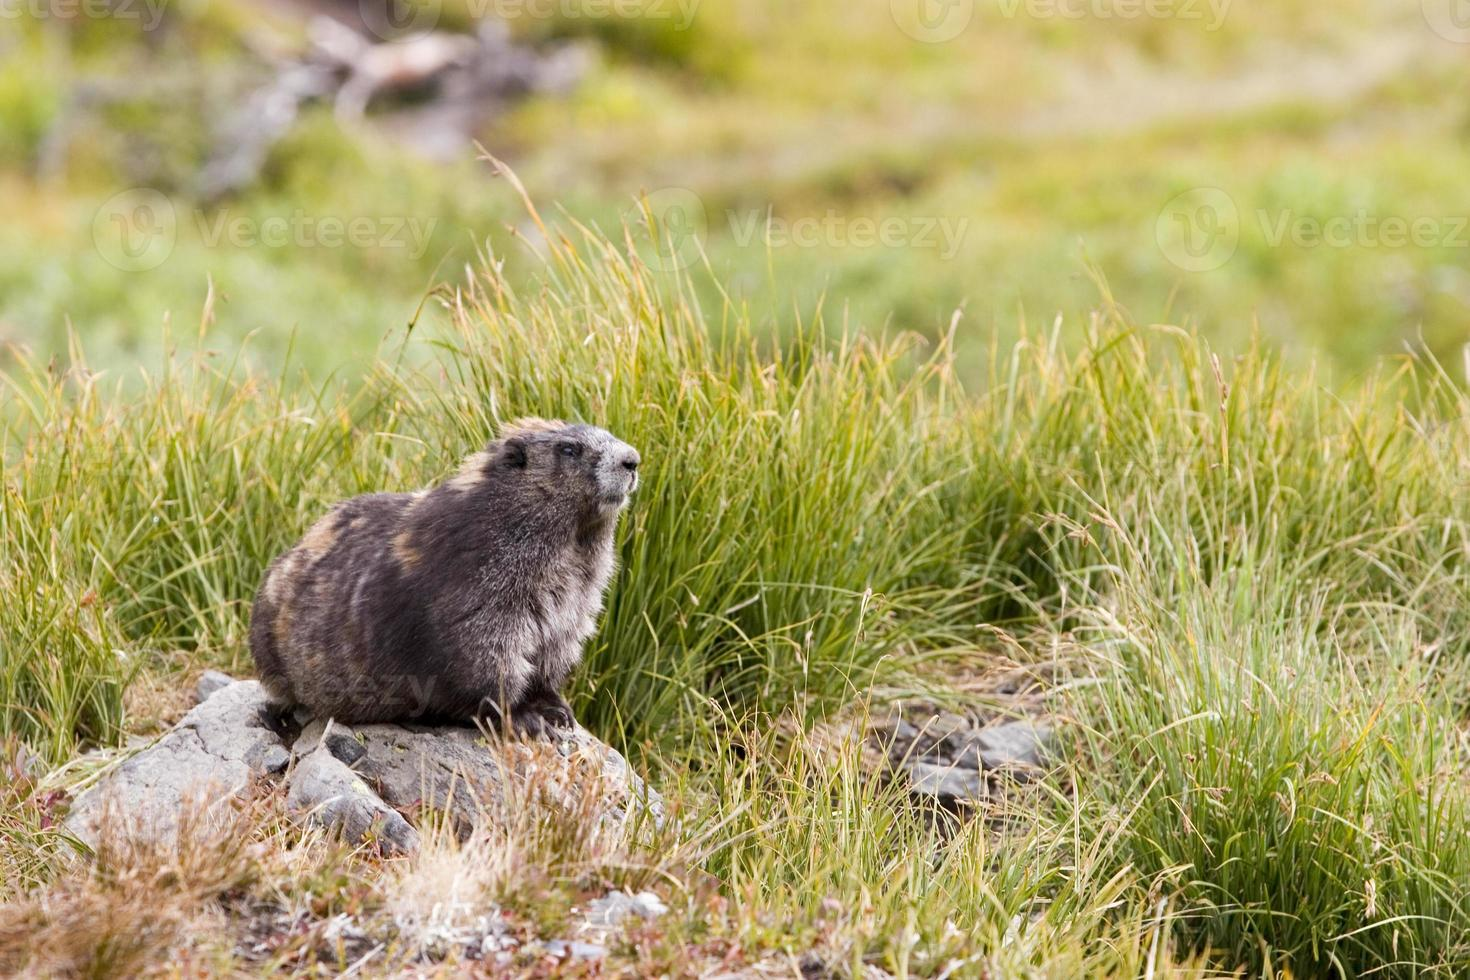 marmota olímpica (marmota olympus) sentado em uma pedra na pastagem foto